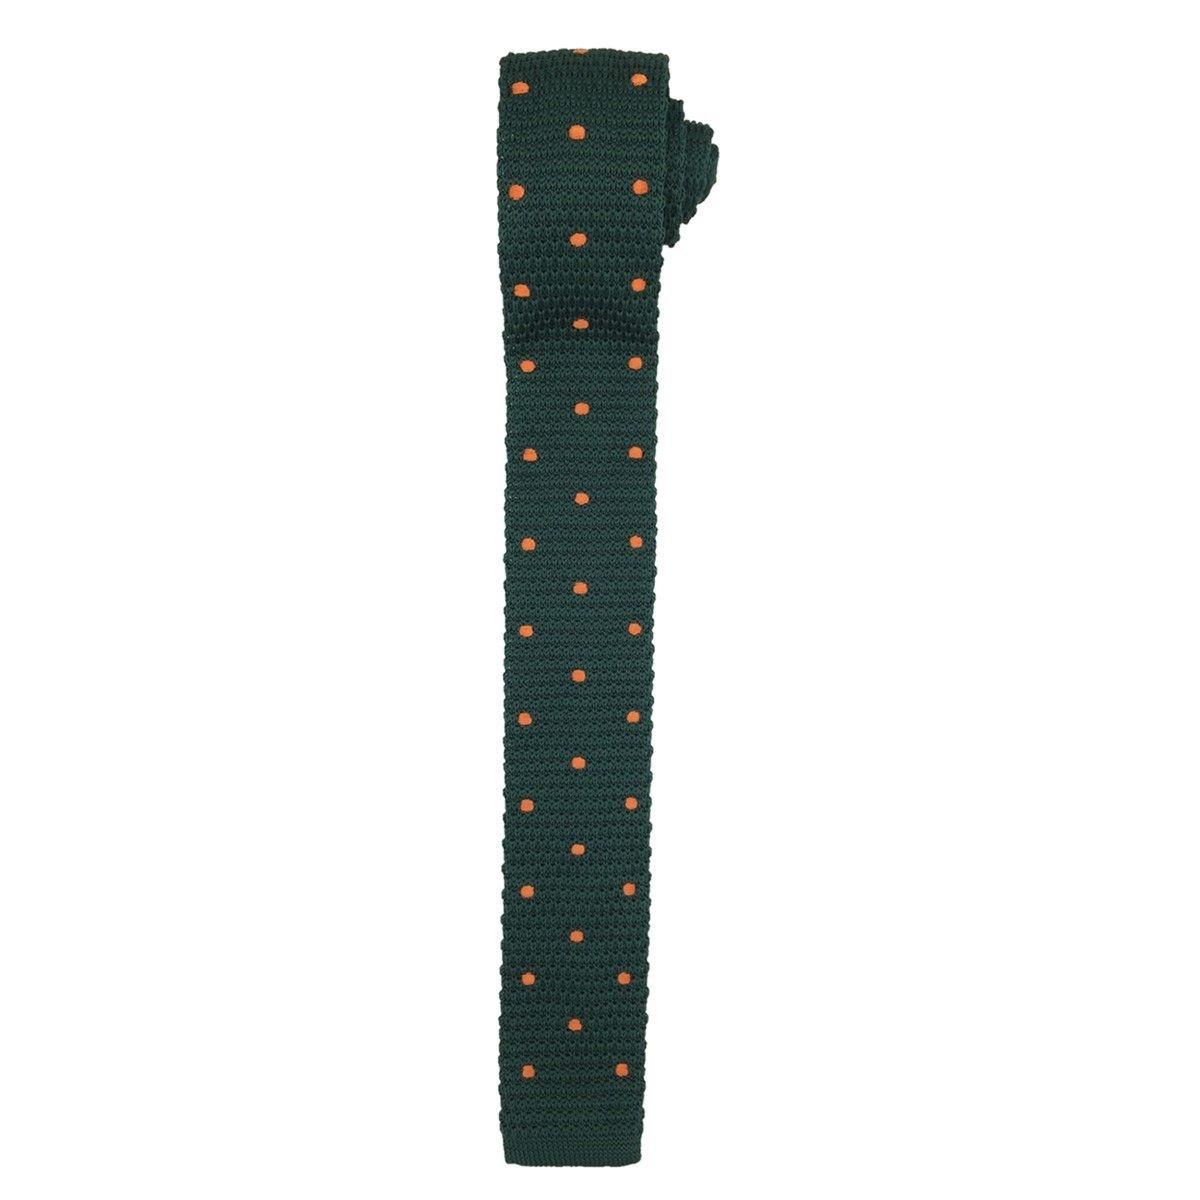 Cravate tricot vert anglais pois oranges